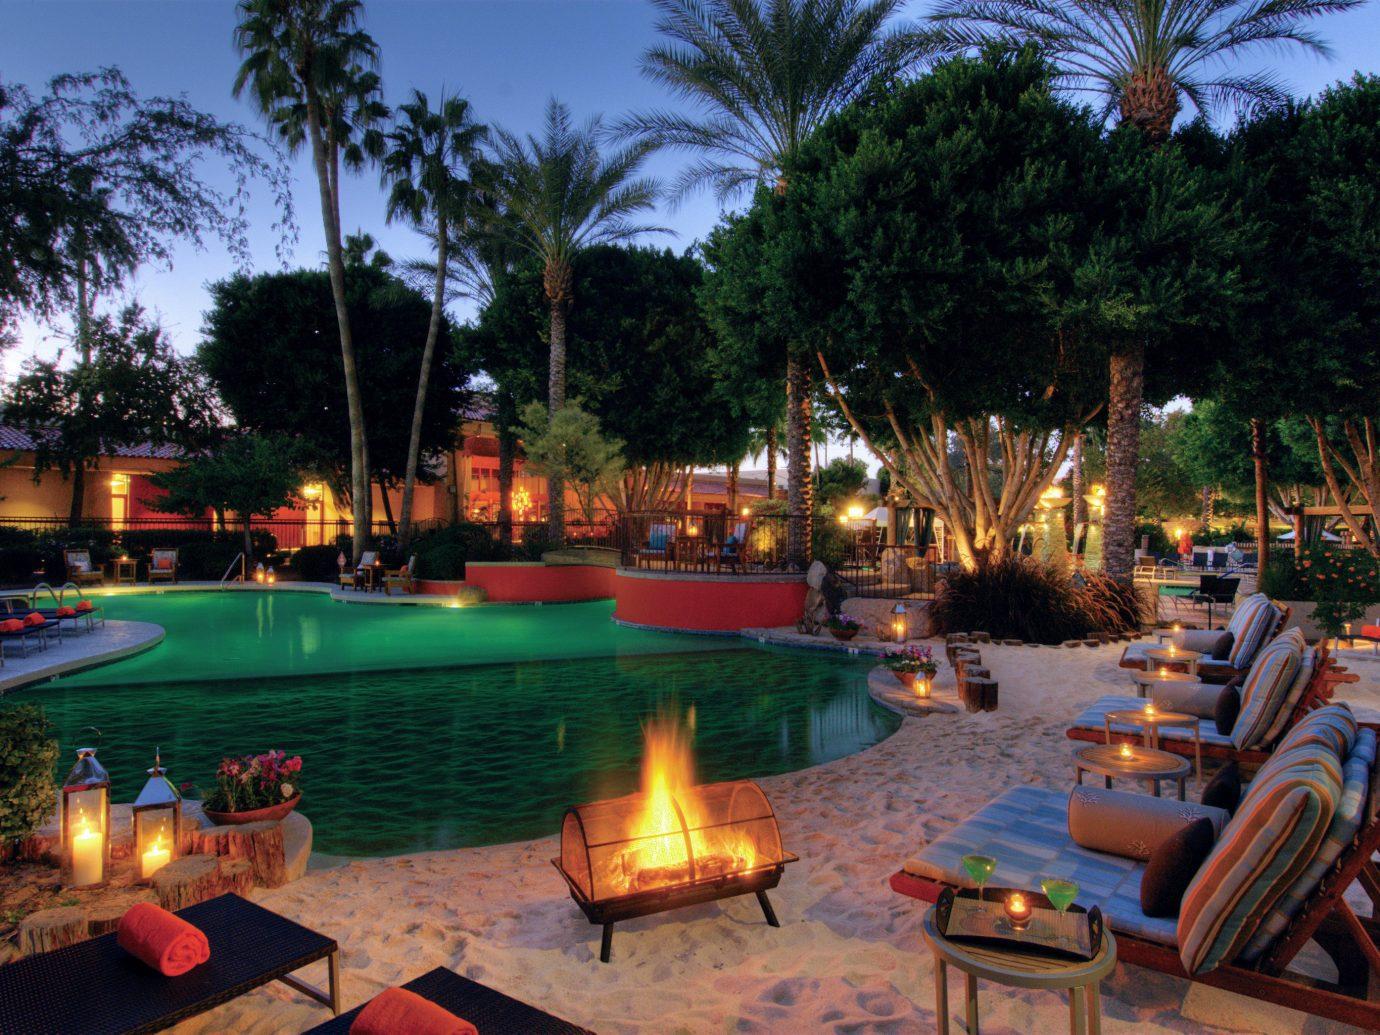 Downtown Scottsdale, Arizona